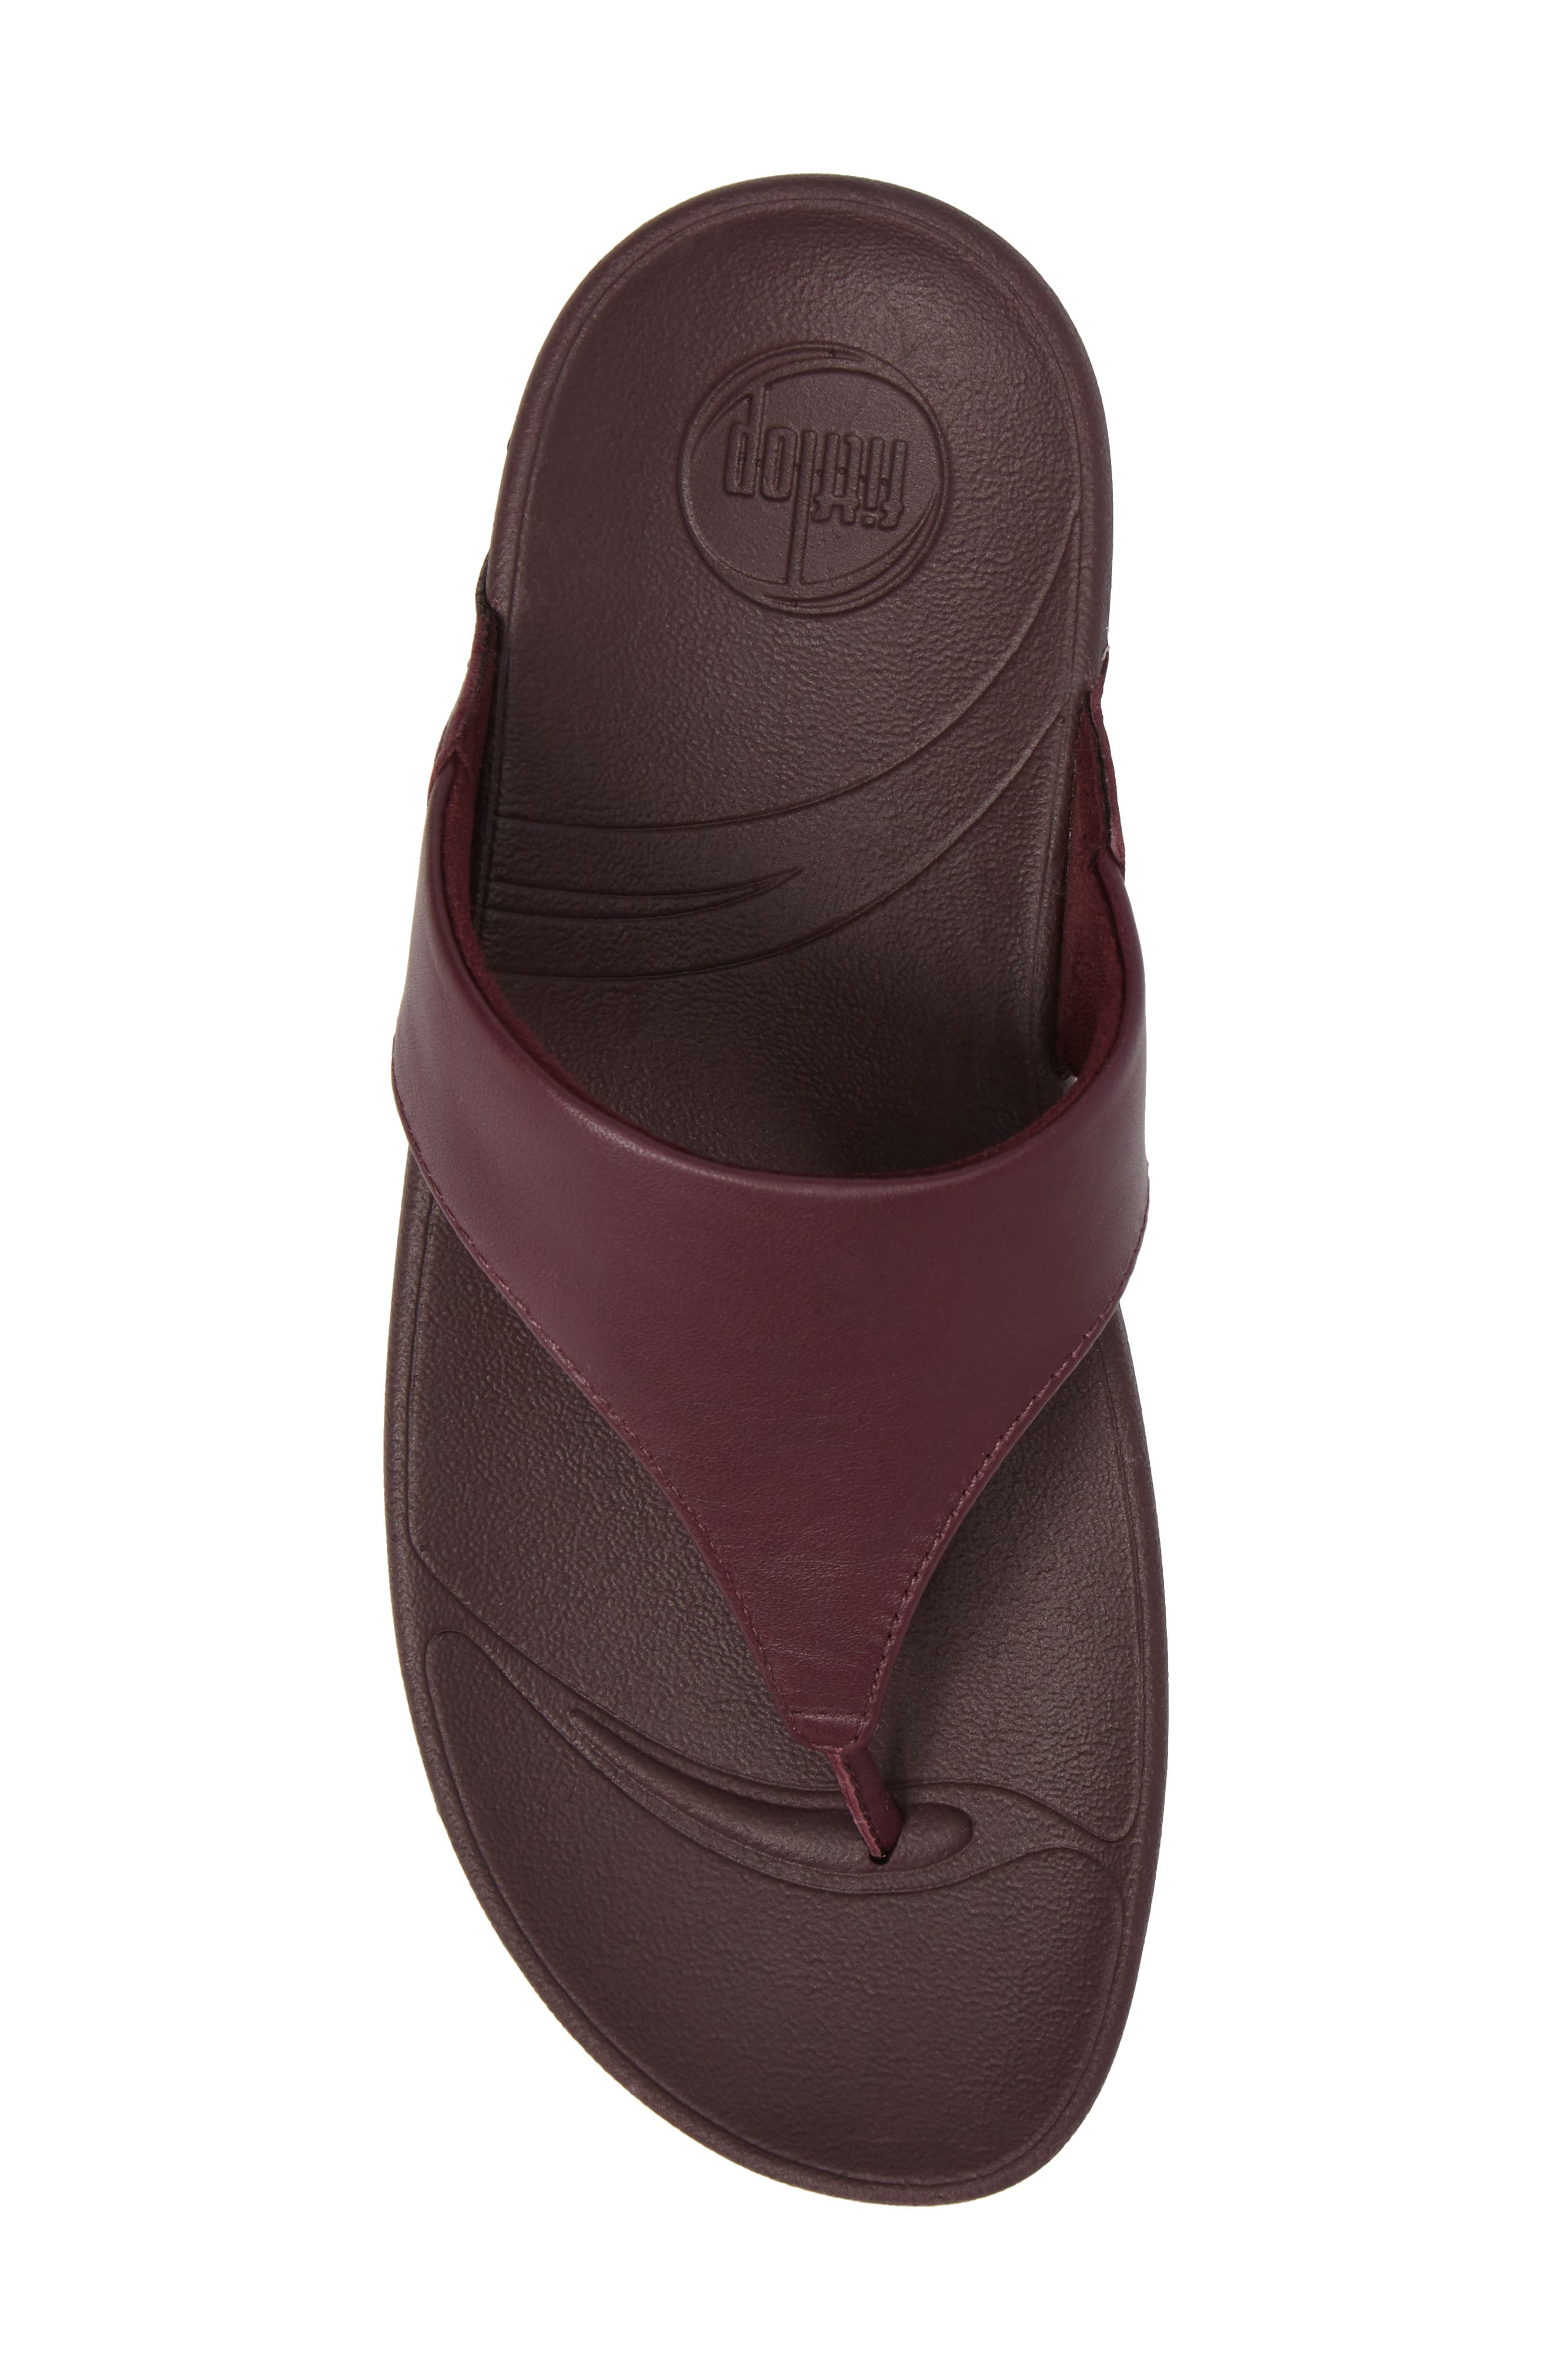 Lulu Sandal,                             Alternate thumbnail 5, color,                             Deep Plum Leather